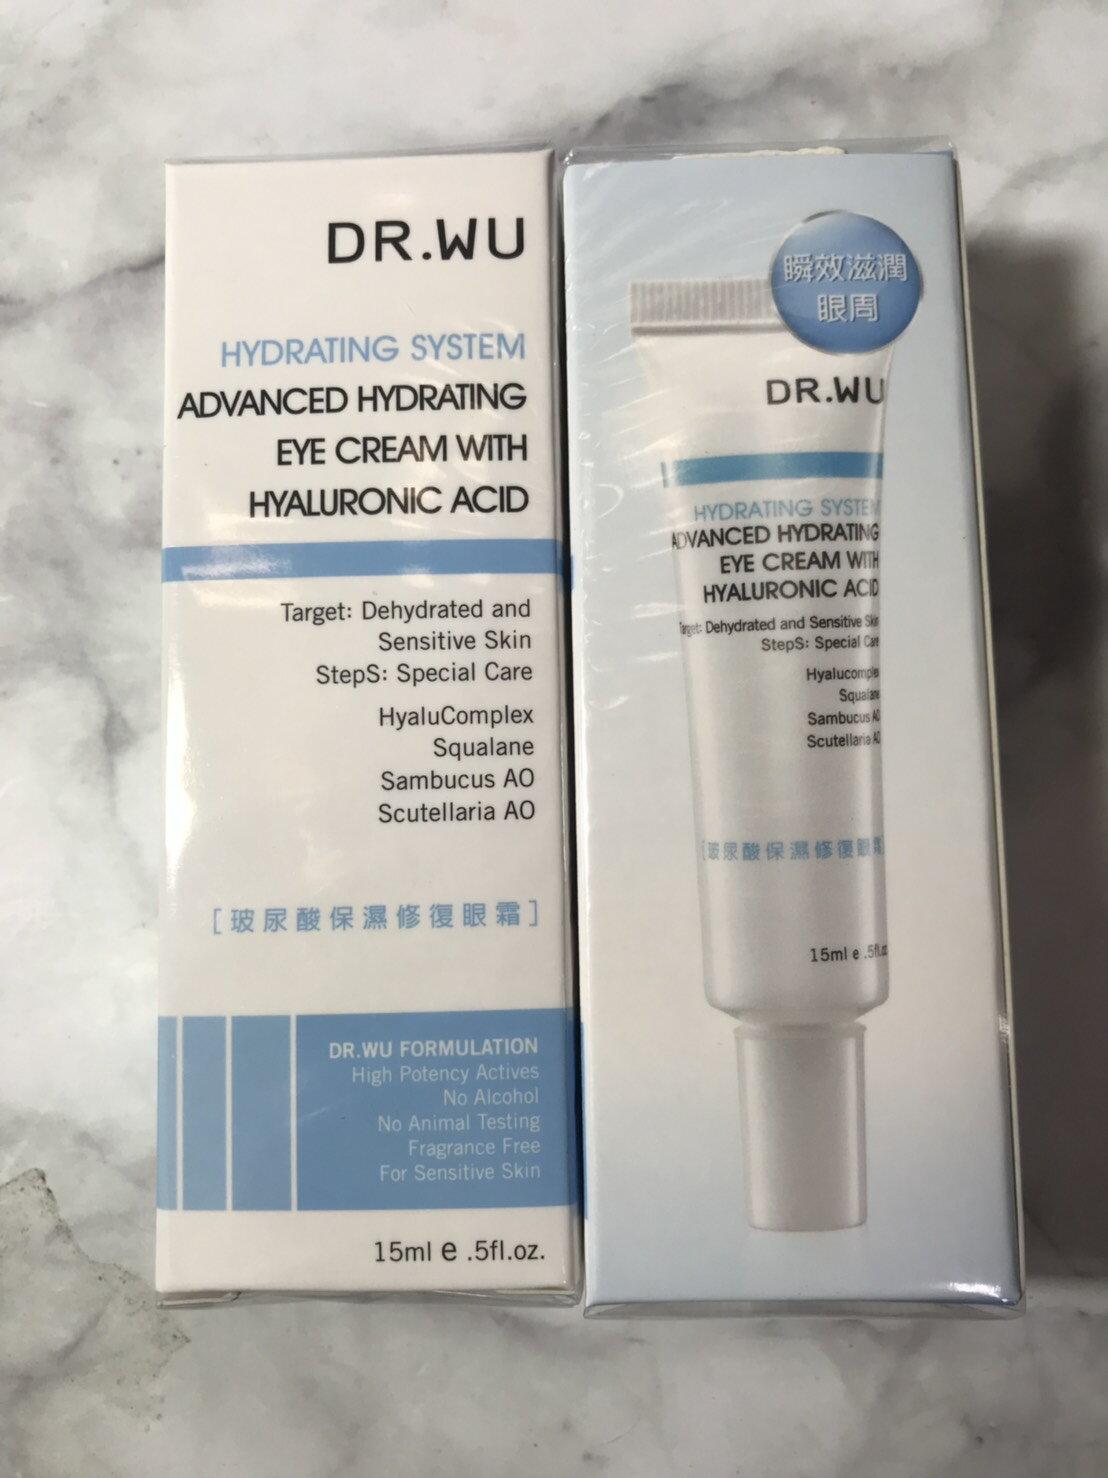 【DR. WU】 玻尿酸保濕修復眼霜15ML 完整封膜/效期2022.09 可集點【淨妍美肌】